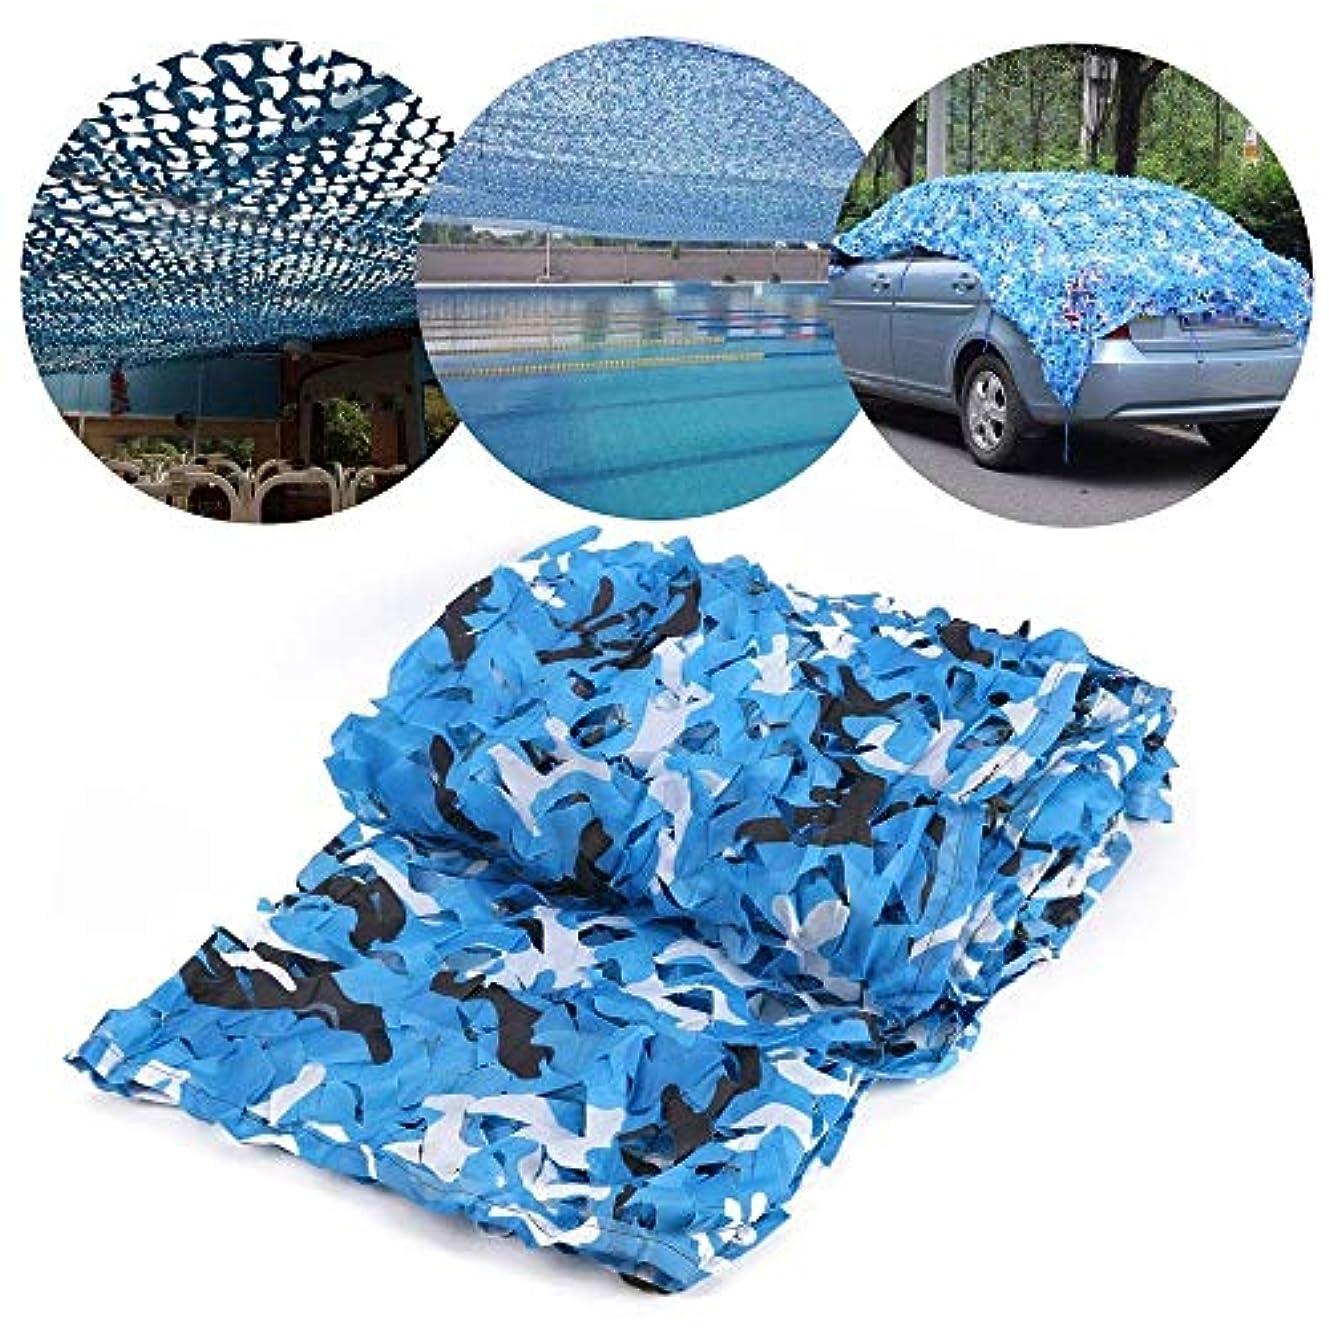 祝福する分類魚迷彩ネット軽量ミリタリー迷彩ネット、大型防水キャンプ保護ブルー迷彩撮影隠しシェードネット (Size : 4*4M(13.1*13.1ft))